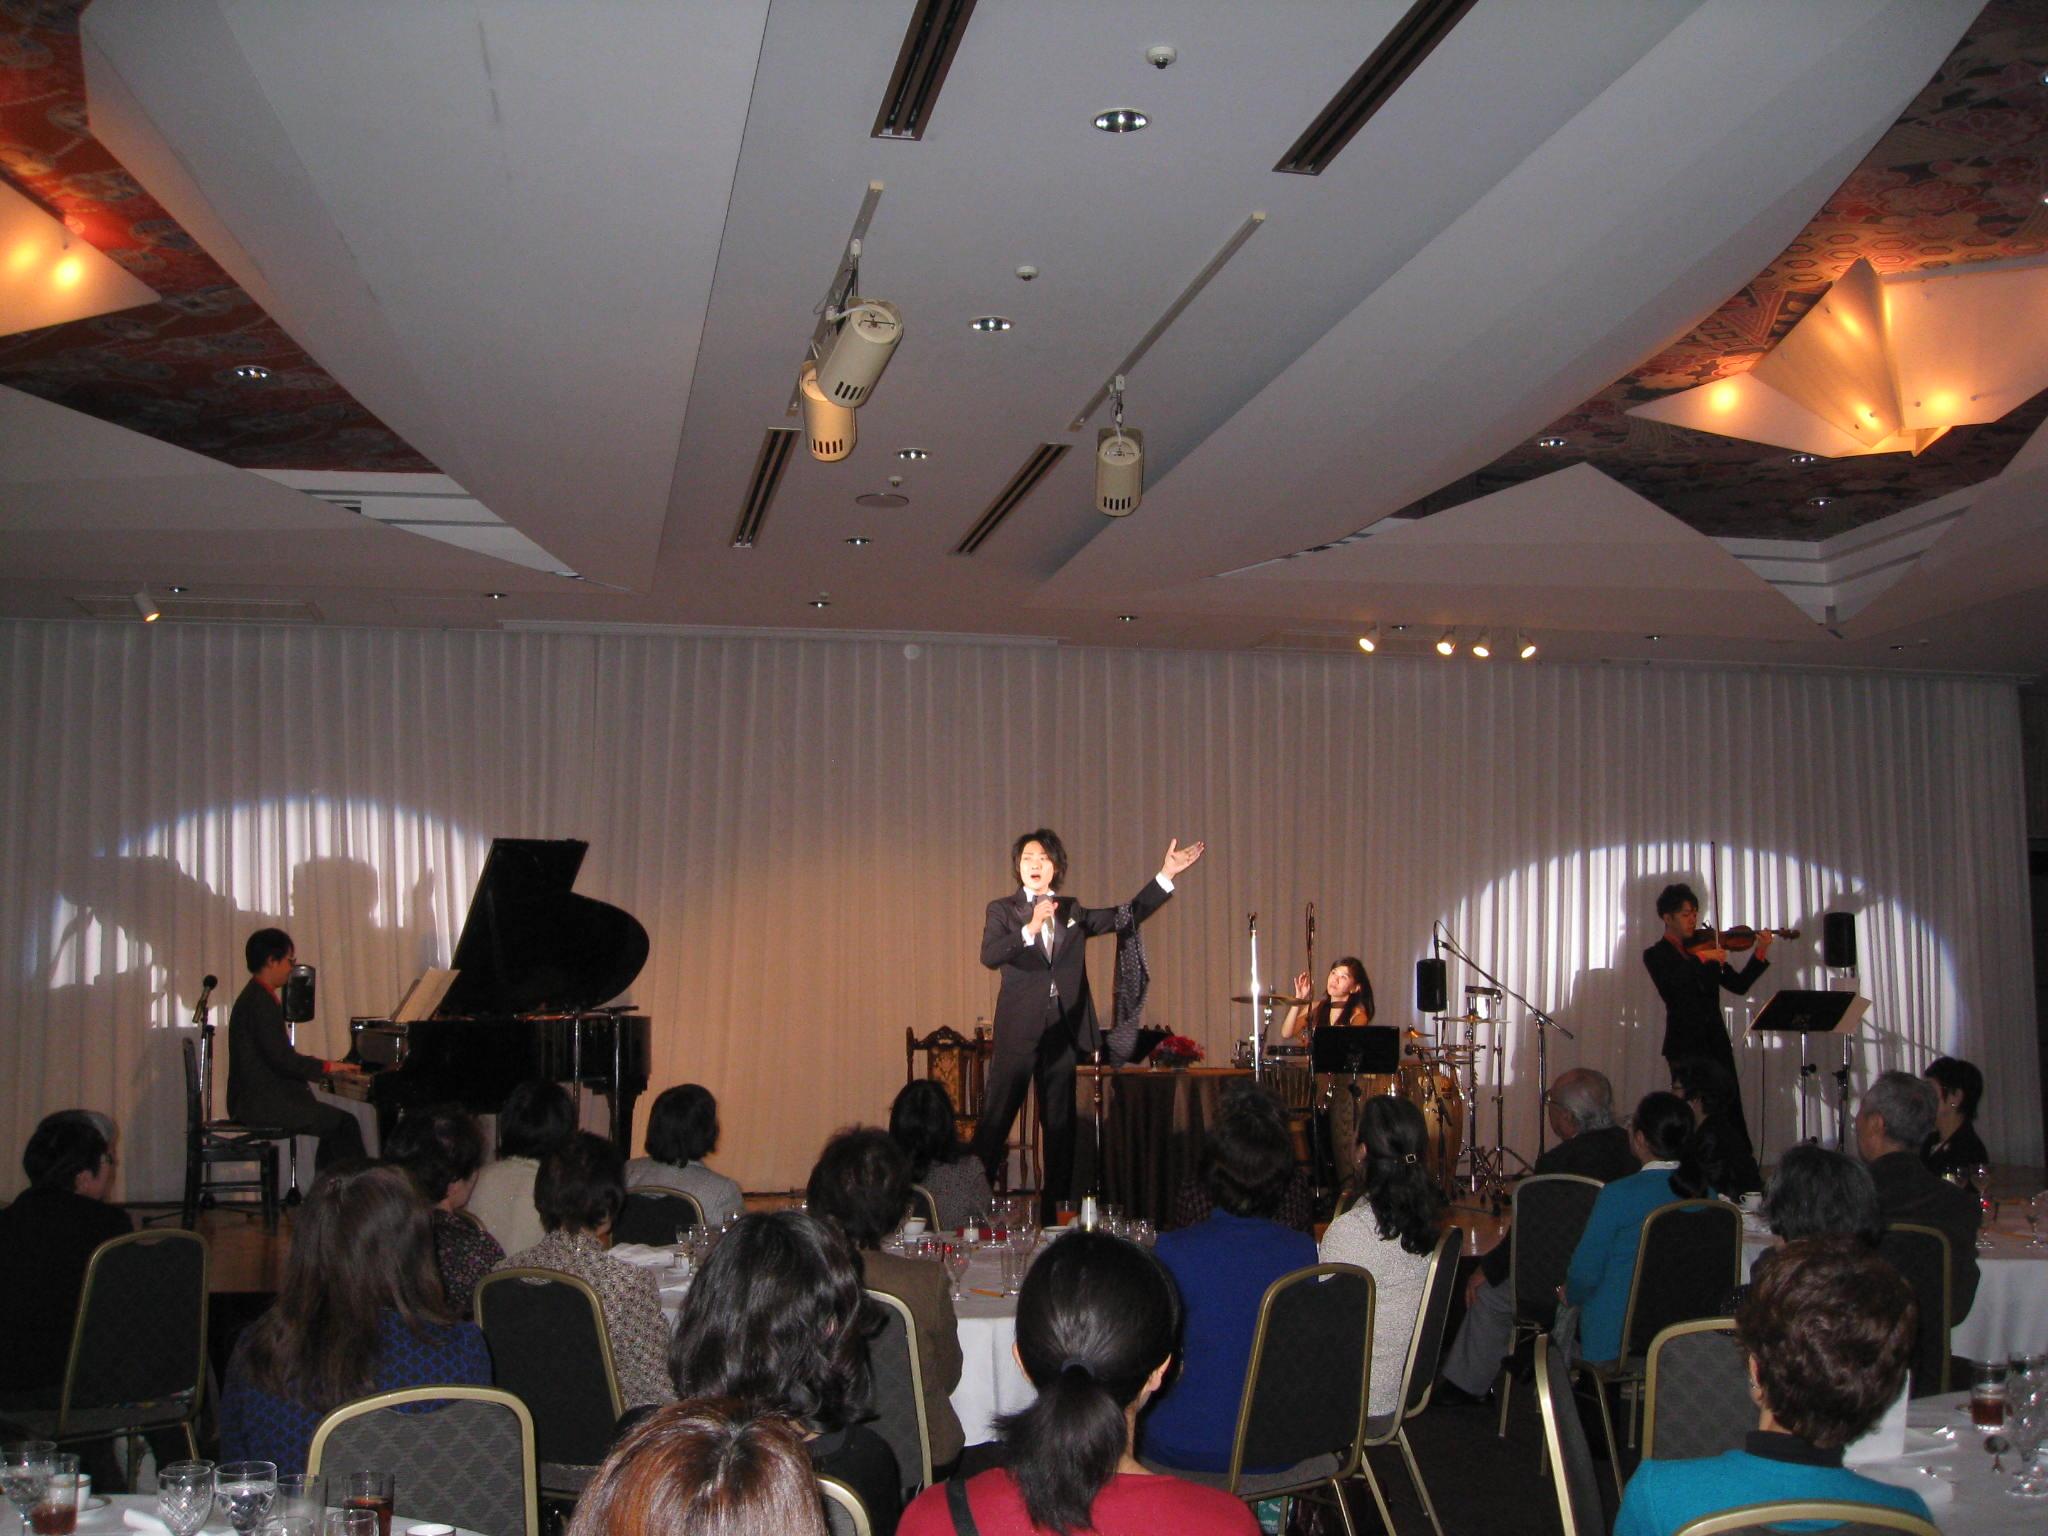 ホテルショーイベント(東京会館)